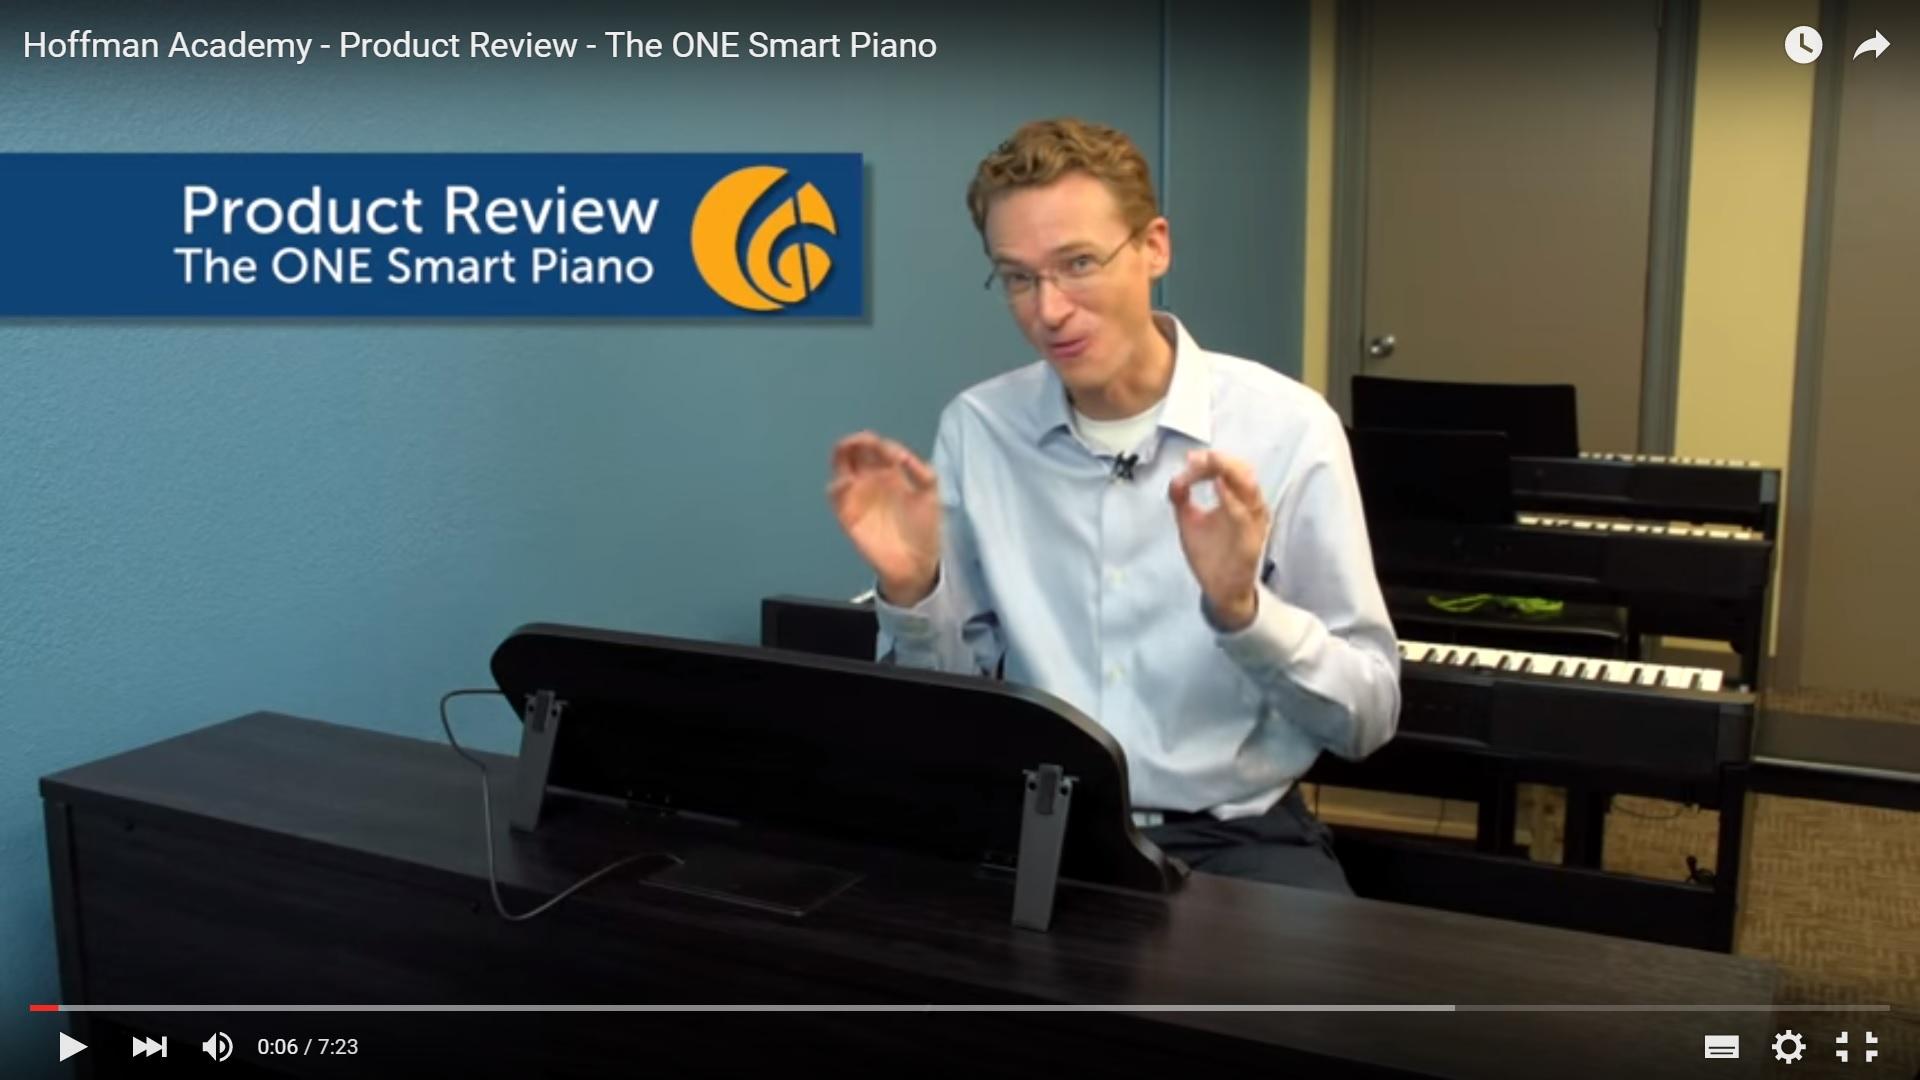 """从硬件到教室,the one希望用""""智能化""""让钢琴教育回归艺术本质"""